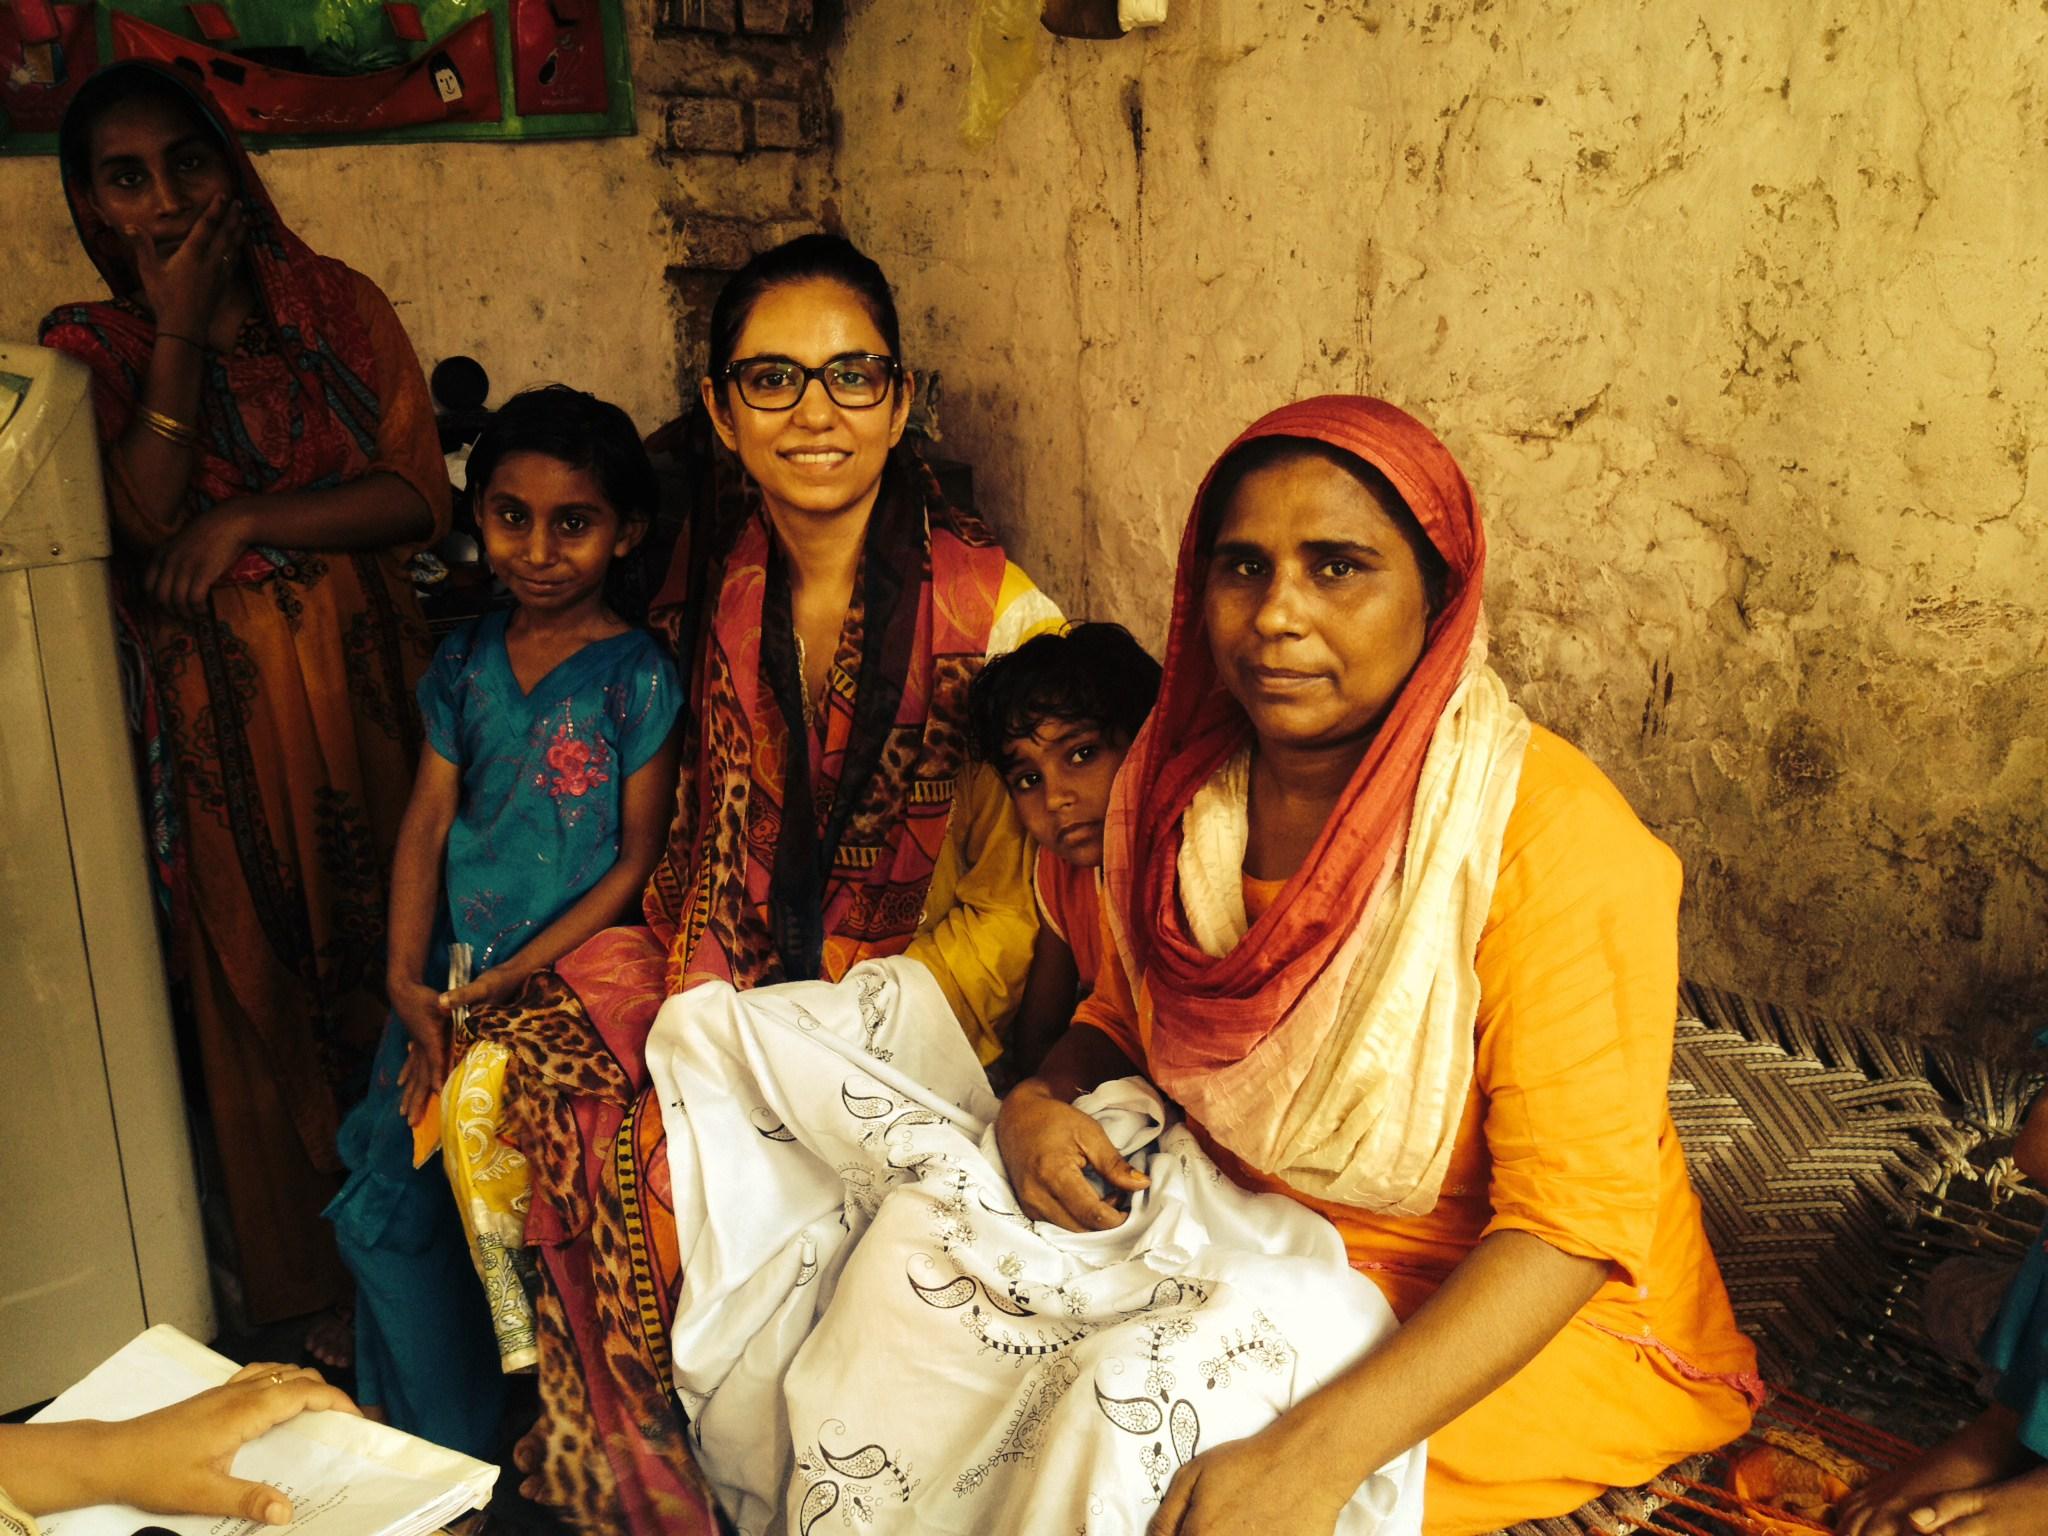 roshaneh-in-field-women-girls-empowerment-kashf